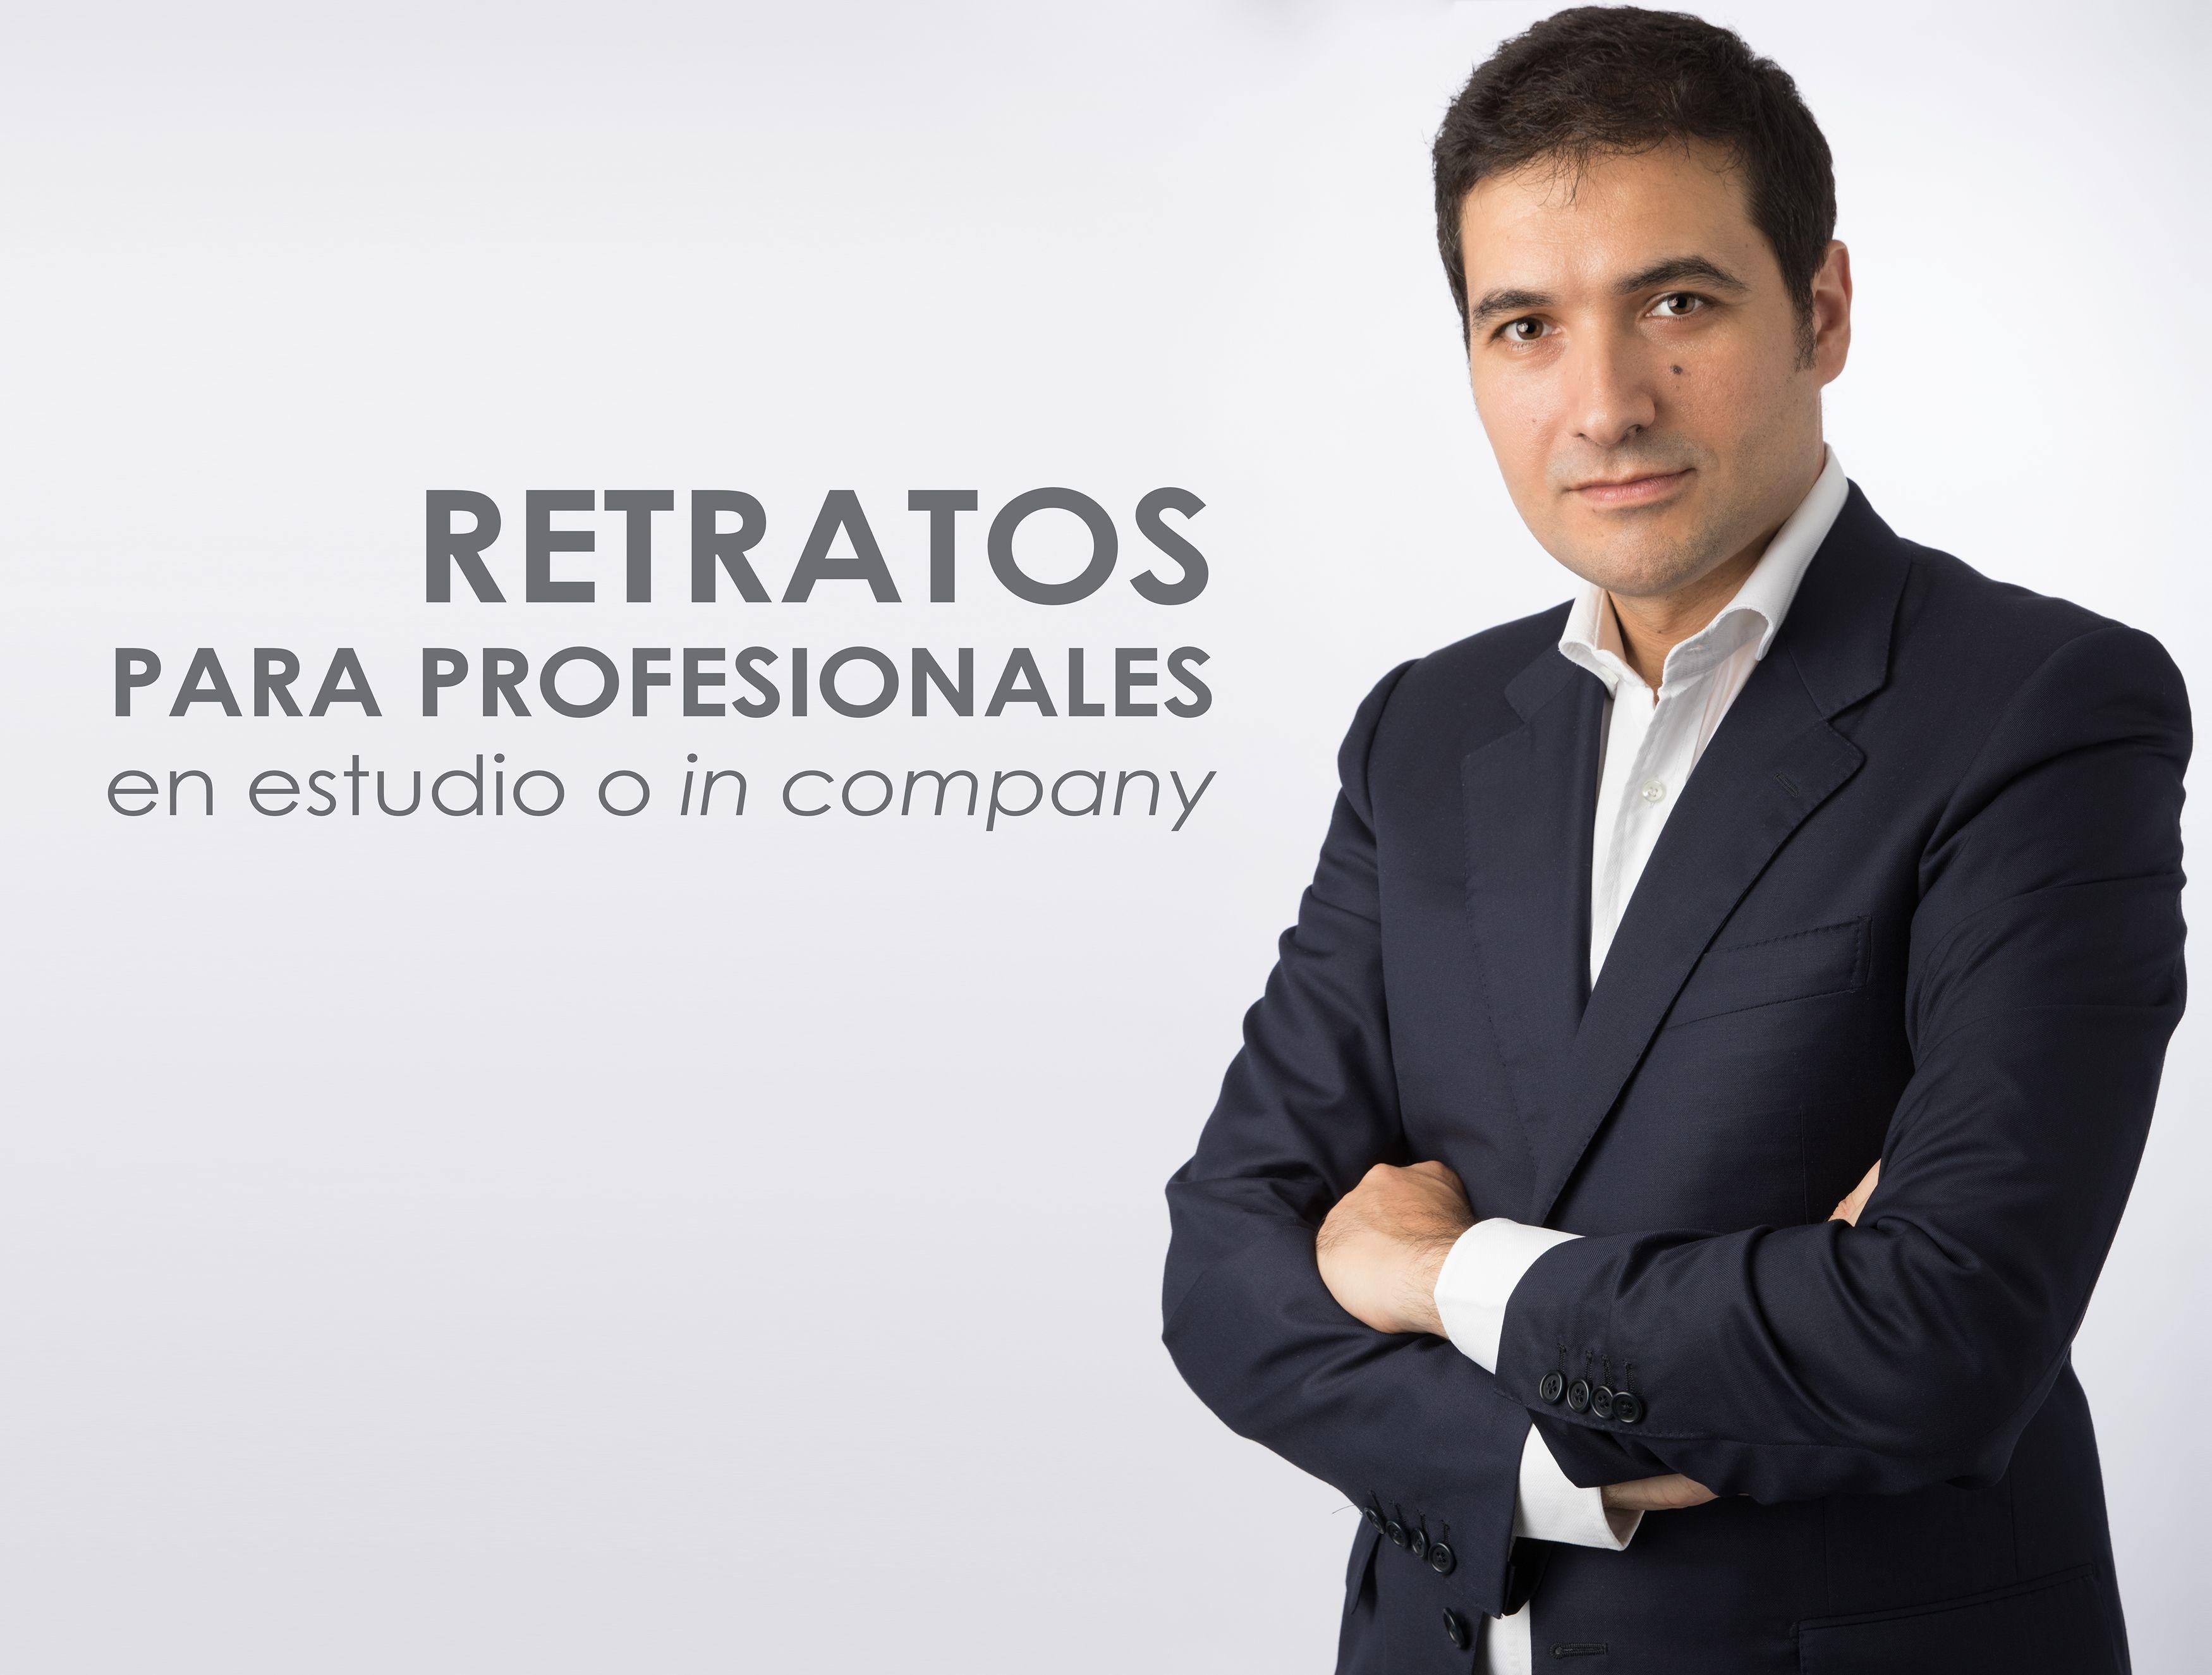 Pictureo servicios-retrato-para-profesionales-en-estudio